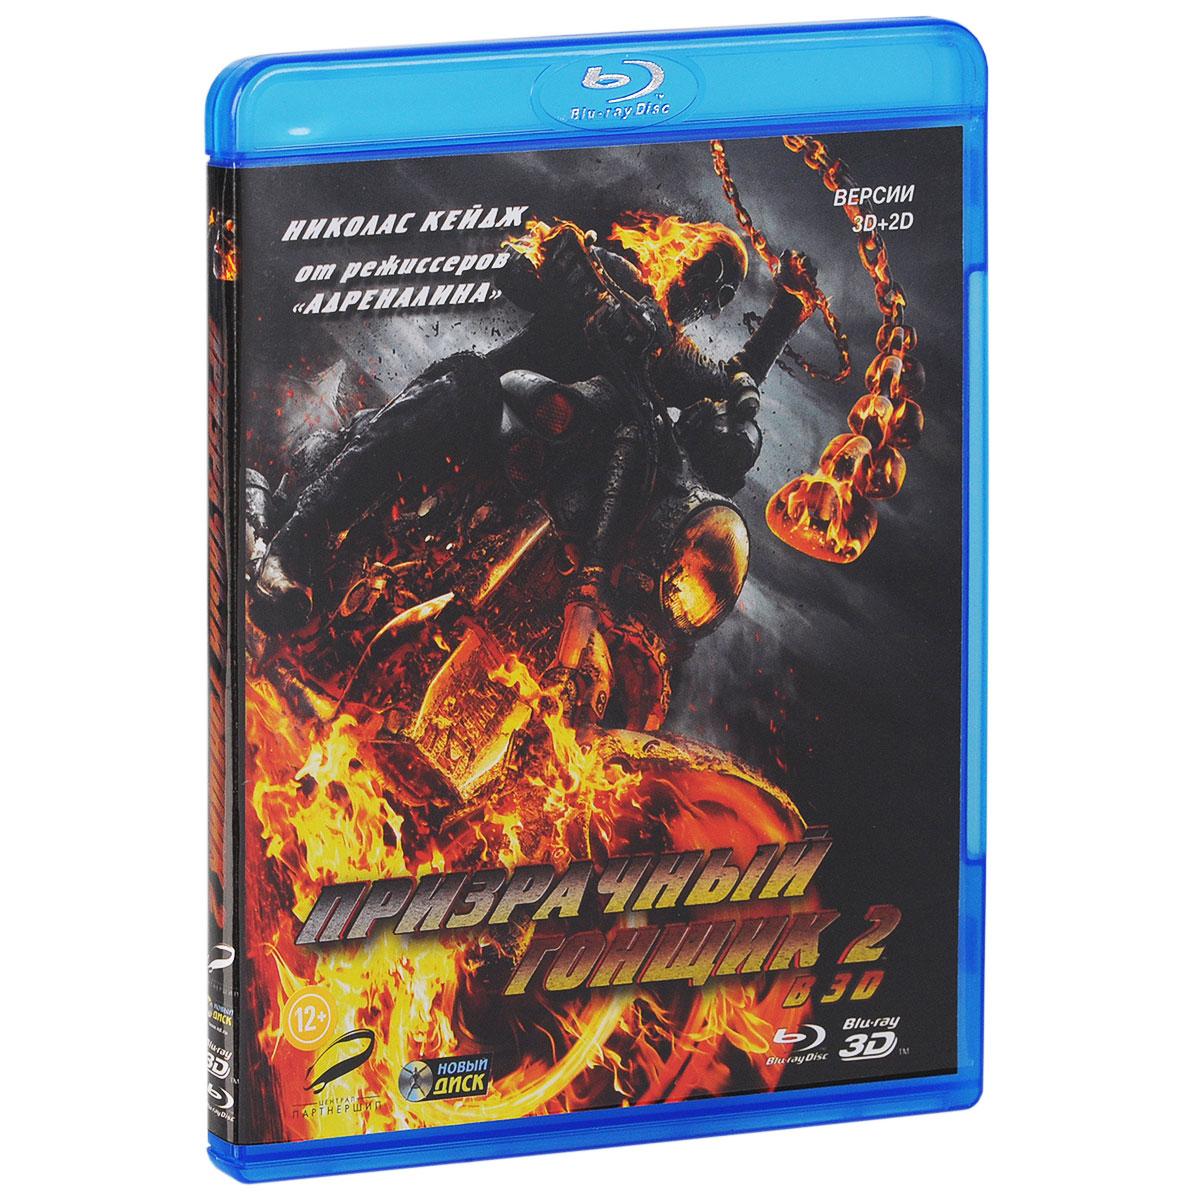 Призрачный гонщик 2: 2D и 3D (Blu-ray)